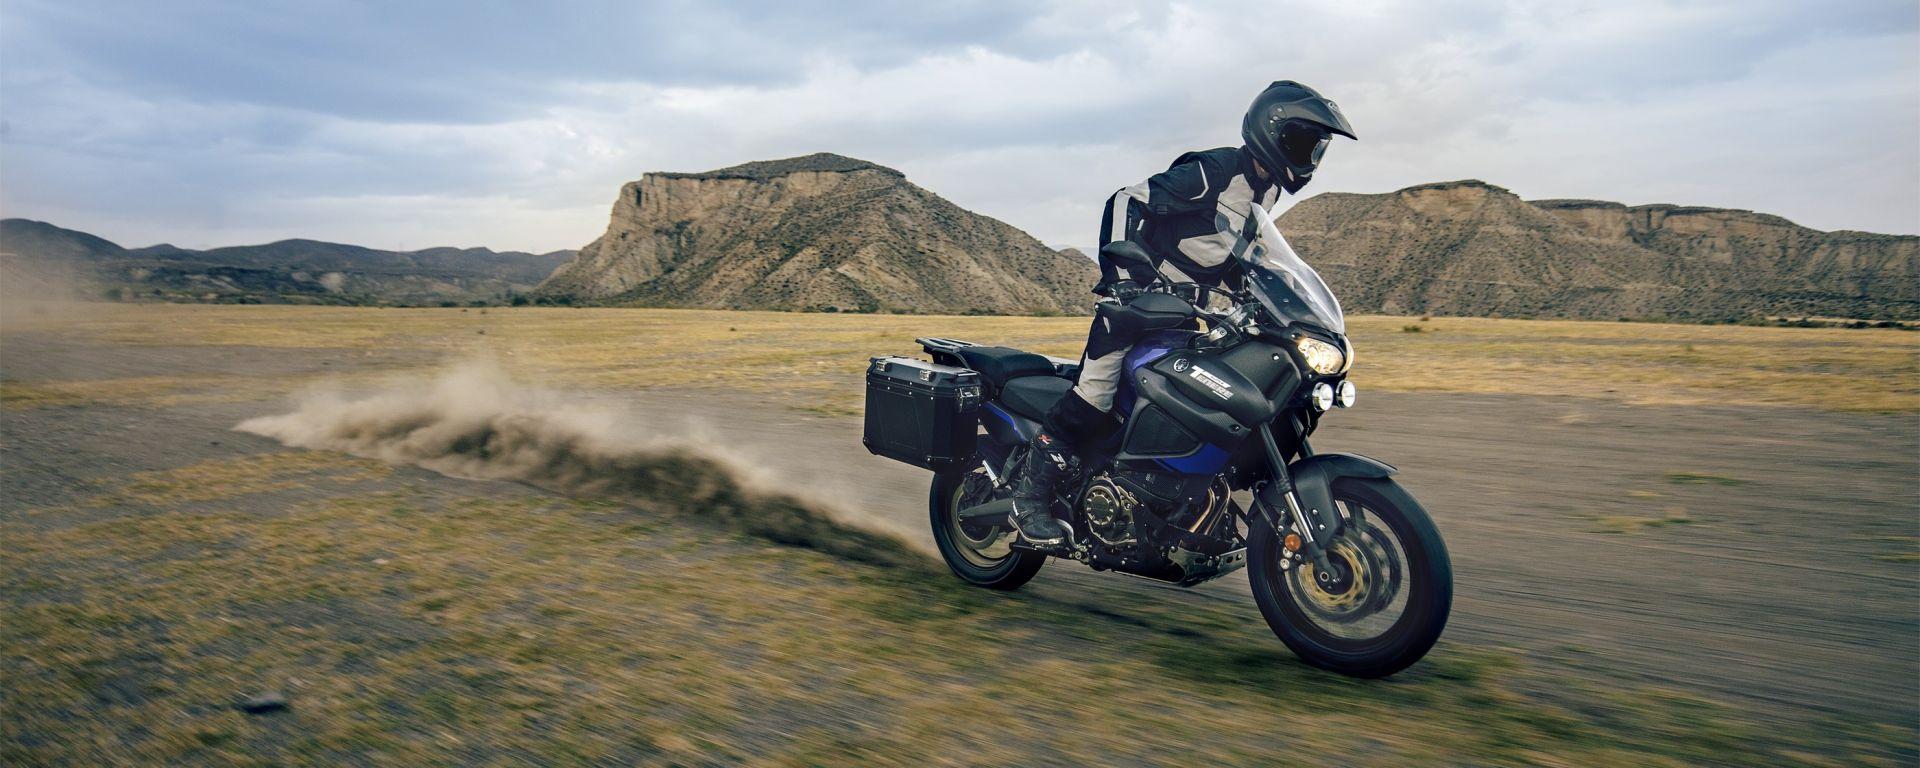 Yamaha XT1200ZE Super Ténéré Raid Edition pronta per EICMA